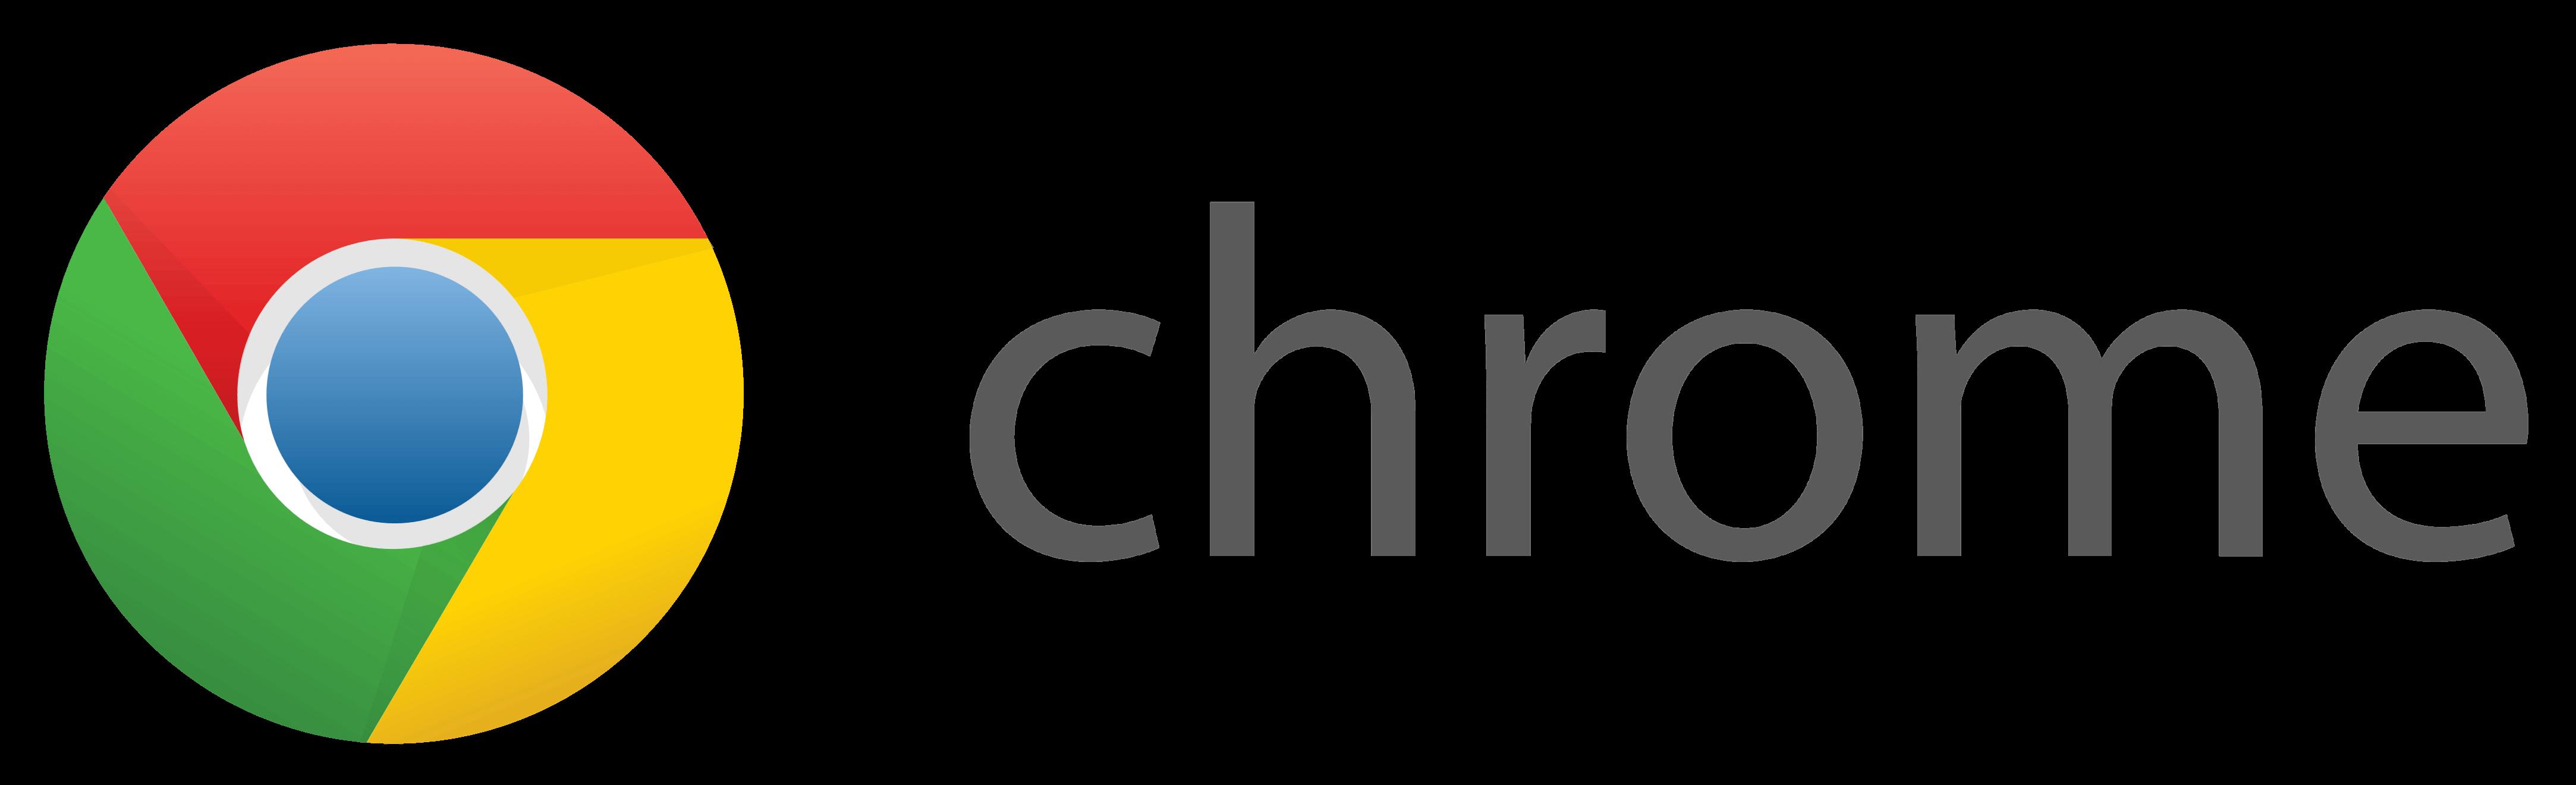 Google Chrome Logo PNG Transparent Google Chrome Logo.PNG.